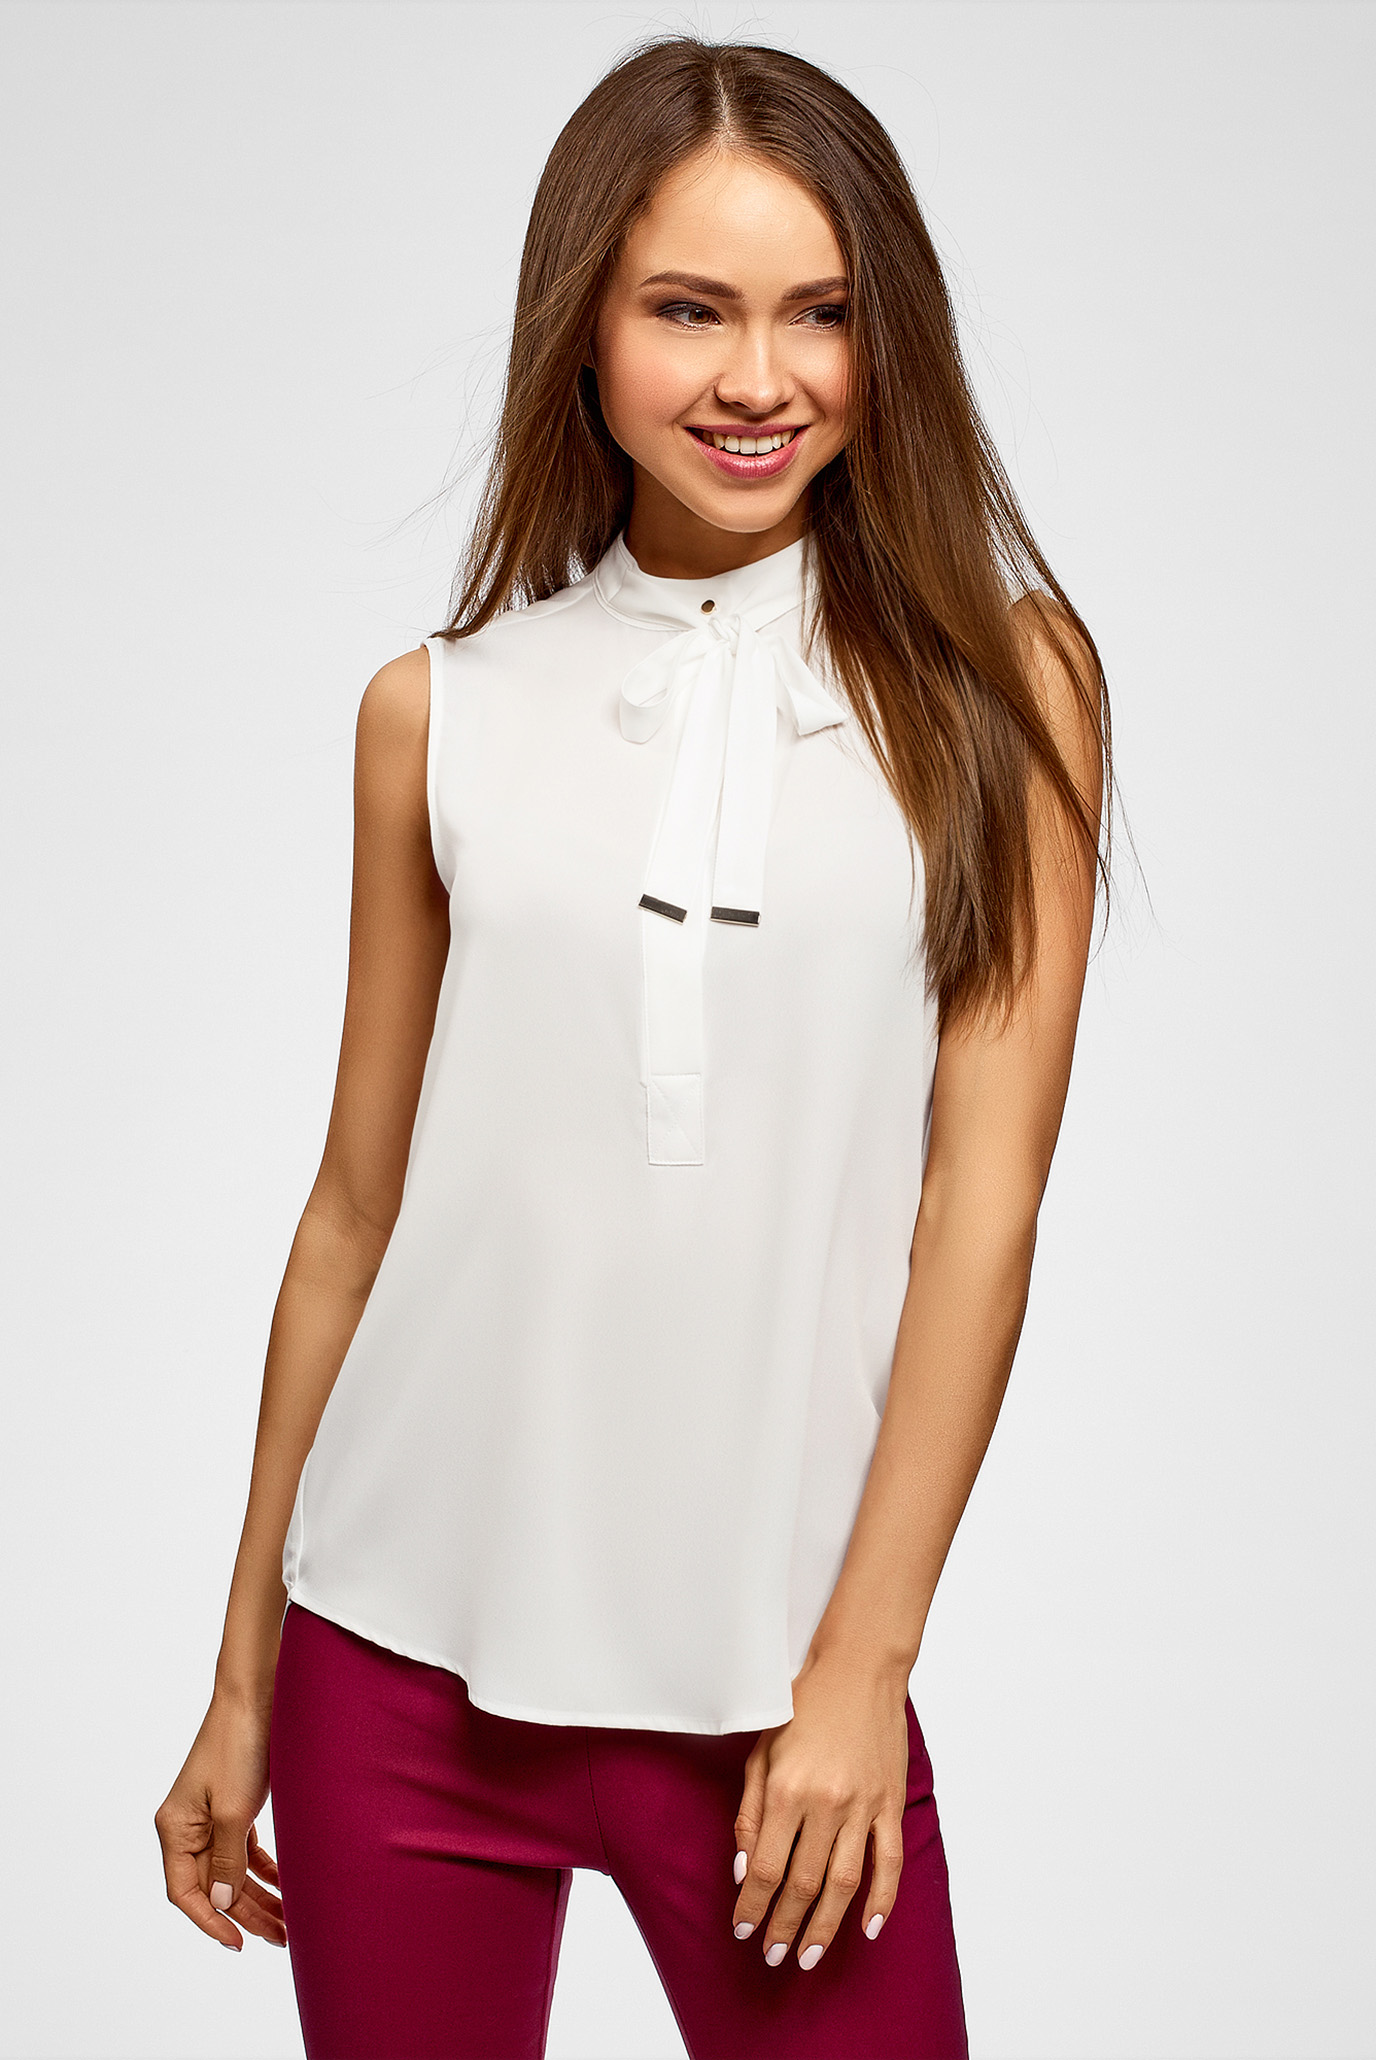 Купить Женская белая блуза Oodji Oodji 24911002/36215/1200N – Киев, Украина. Цены в интернет магазине MD Fashion